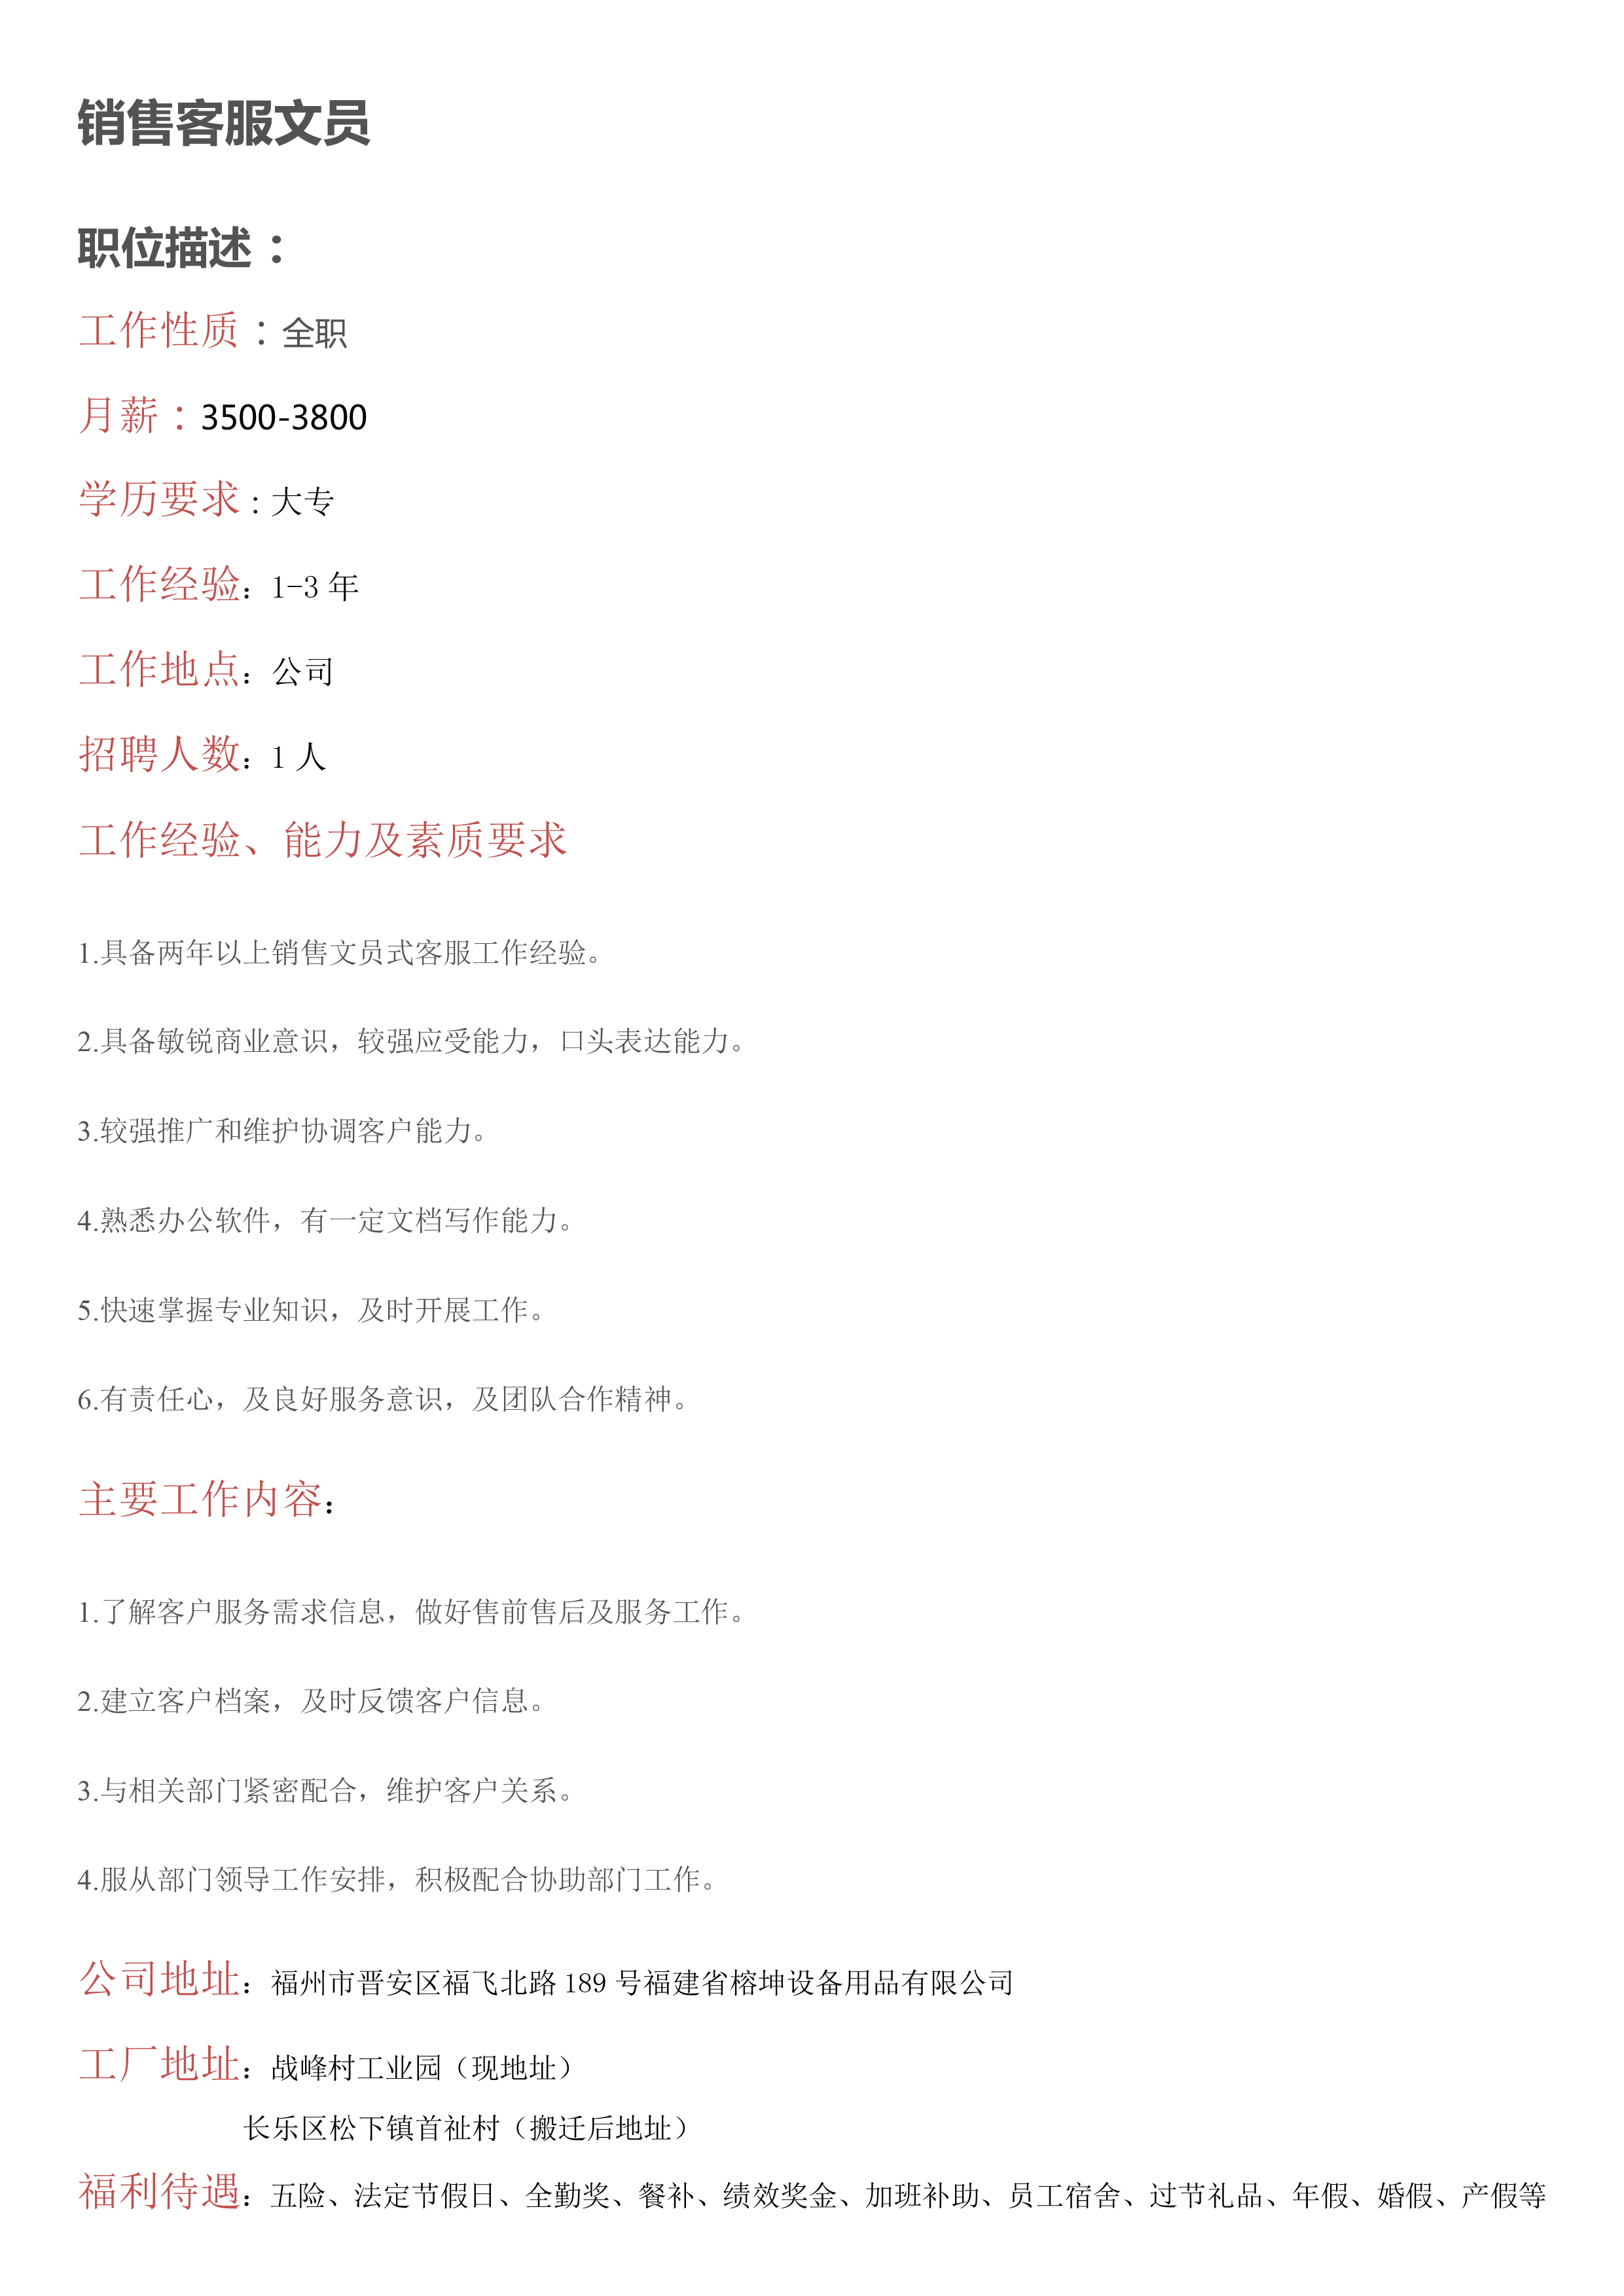 榕坤招聘岗位1-10 拷贝.jpg